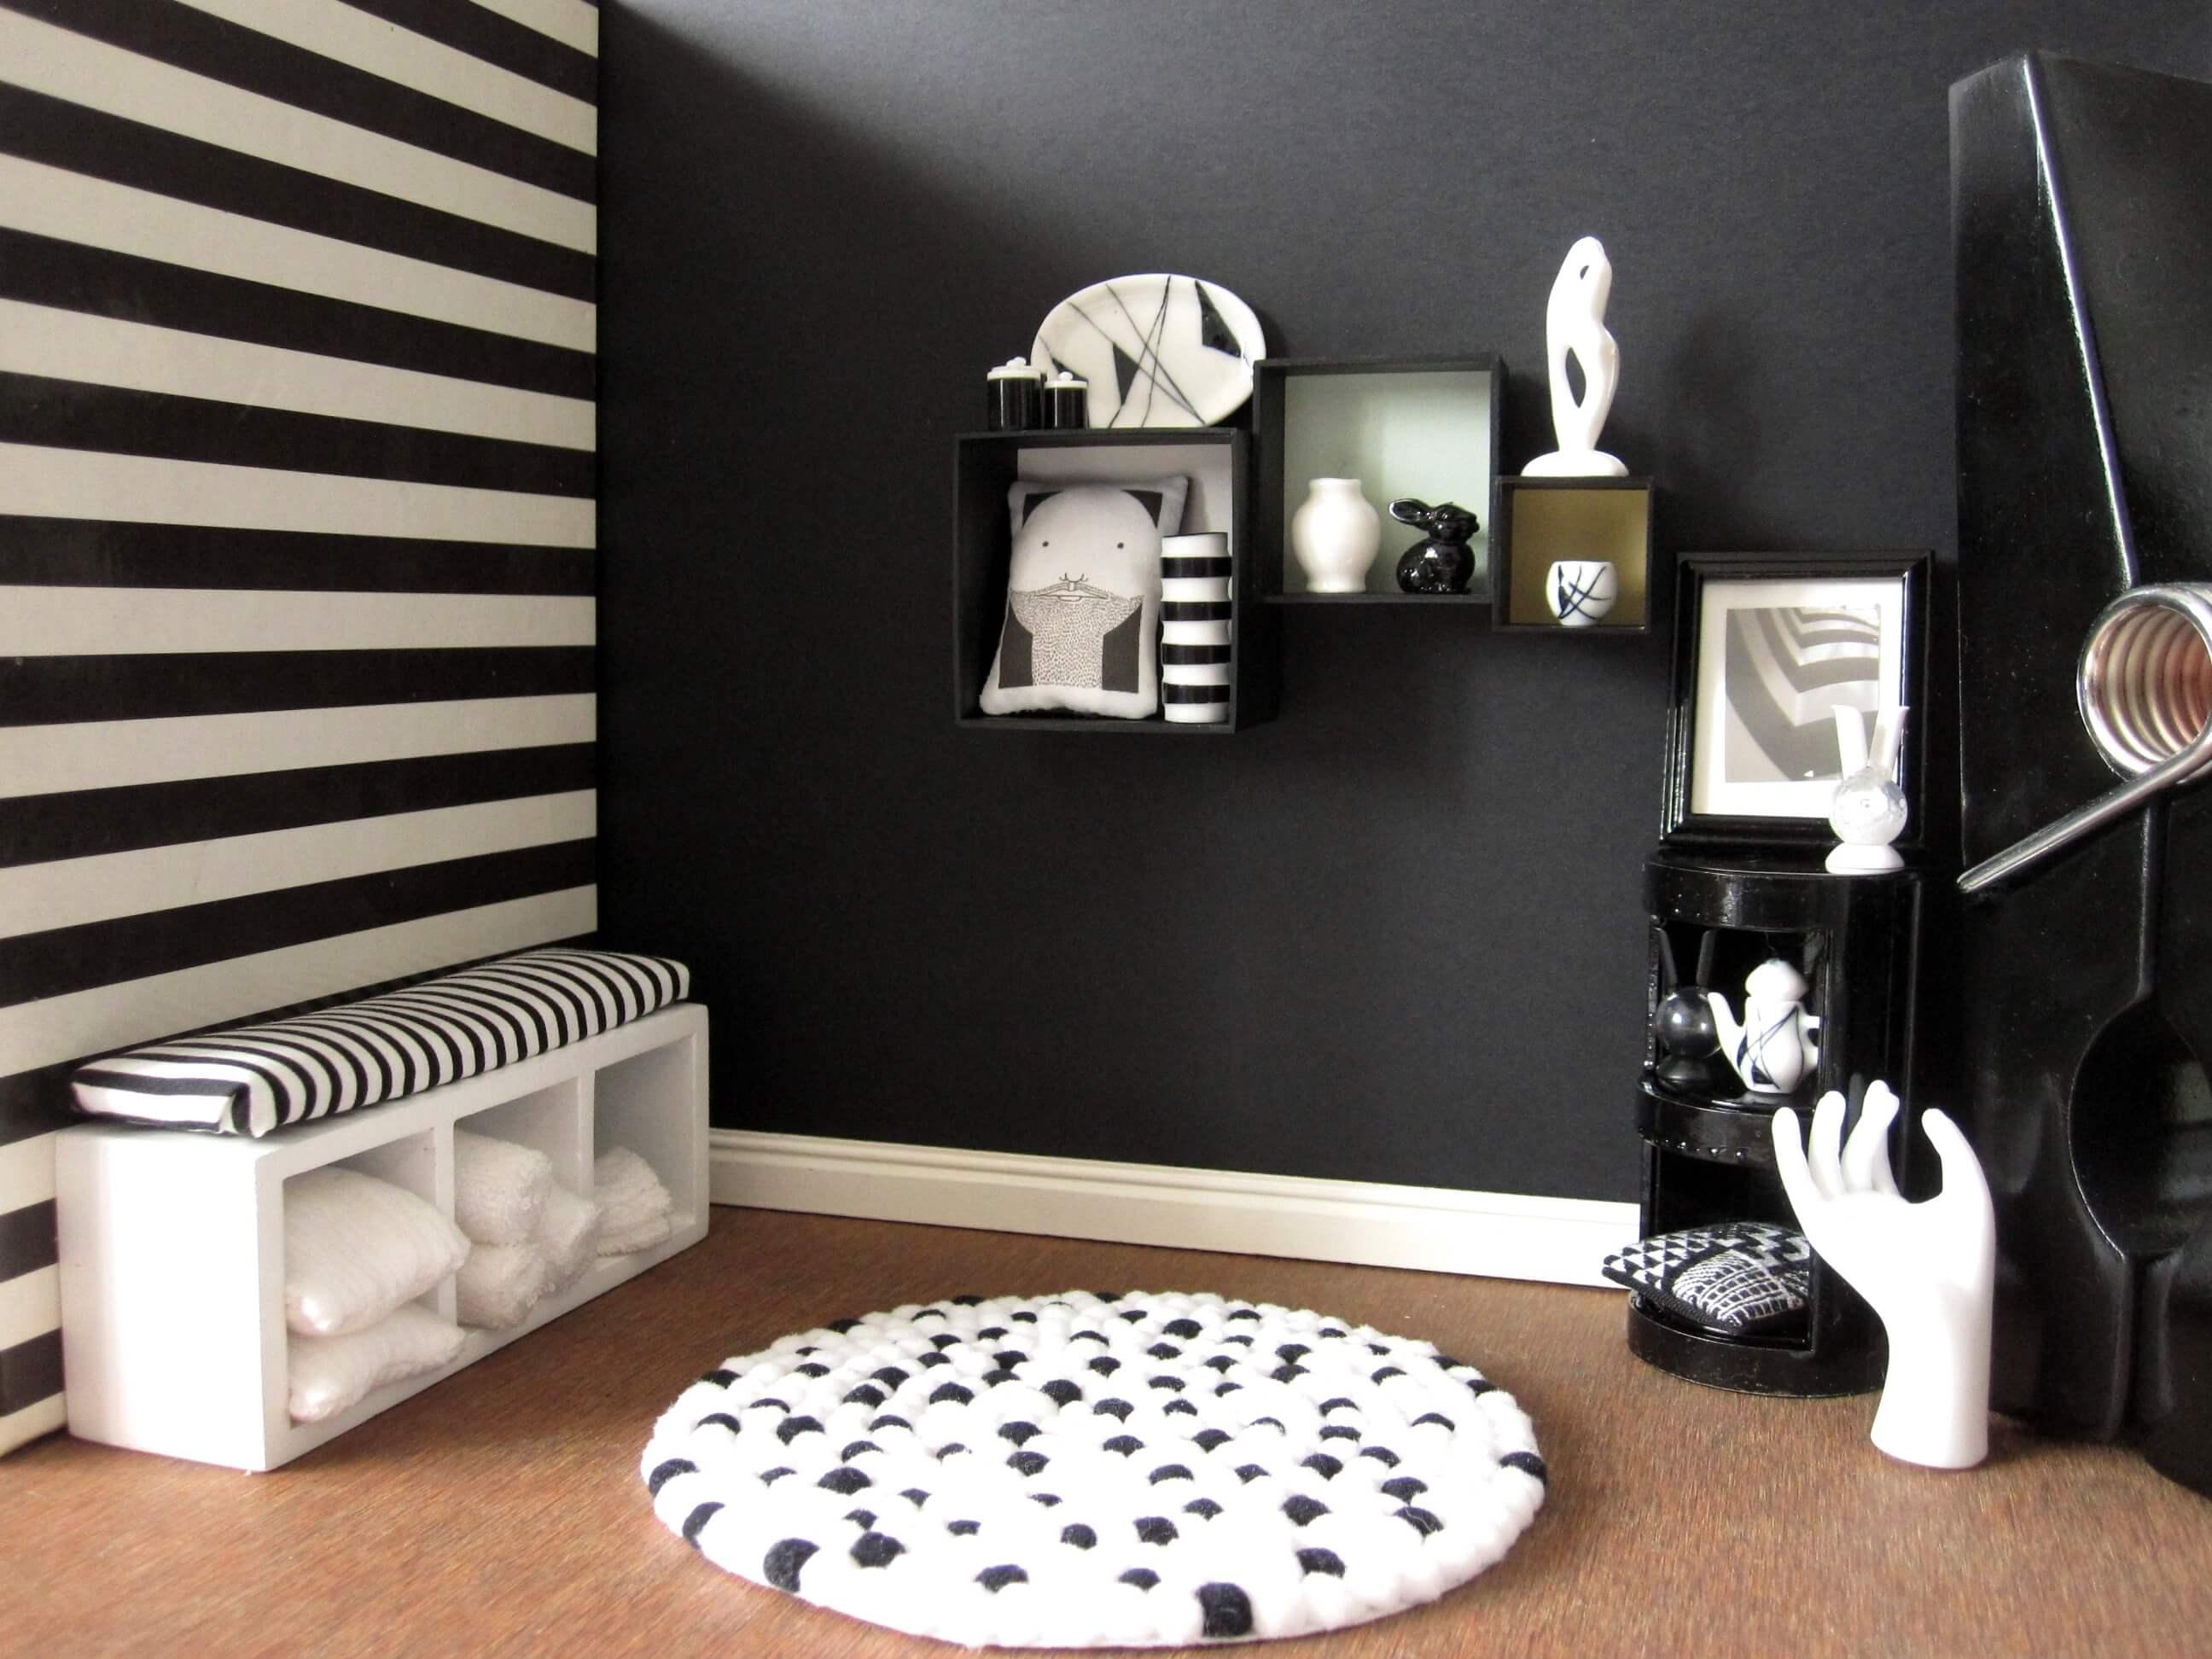 Zwart wit interieur gezellig maken tips inspiratie for Interieur zwart wit grijs